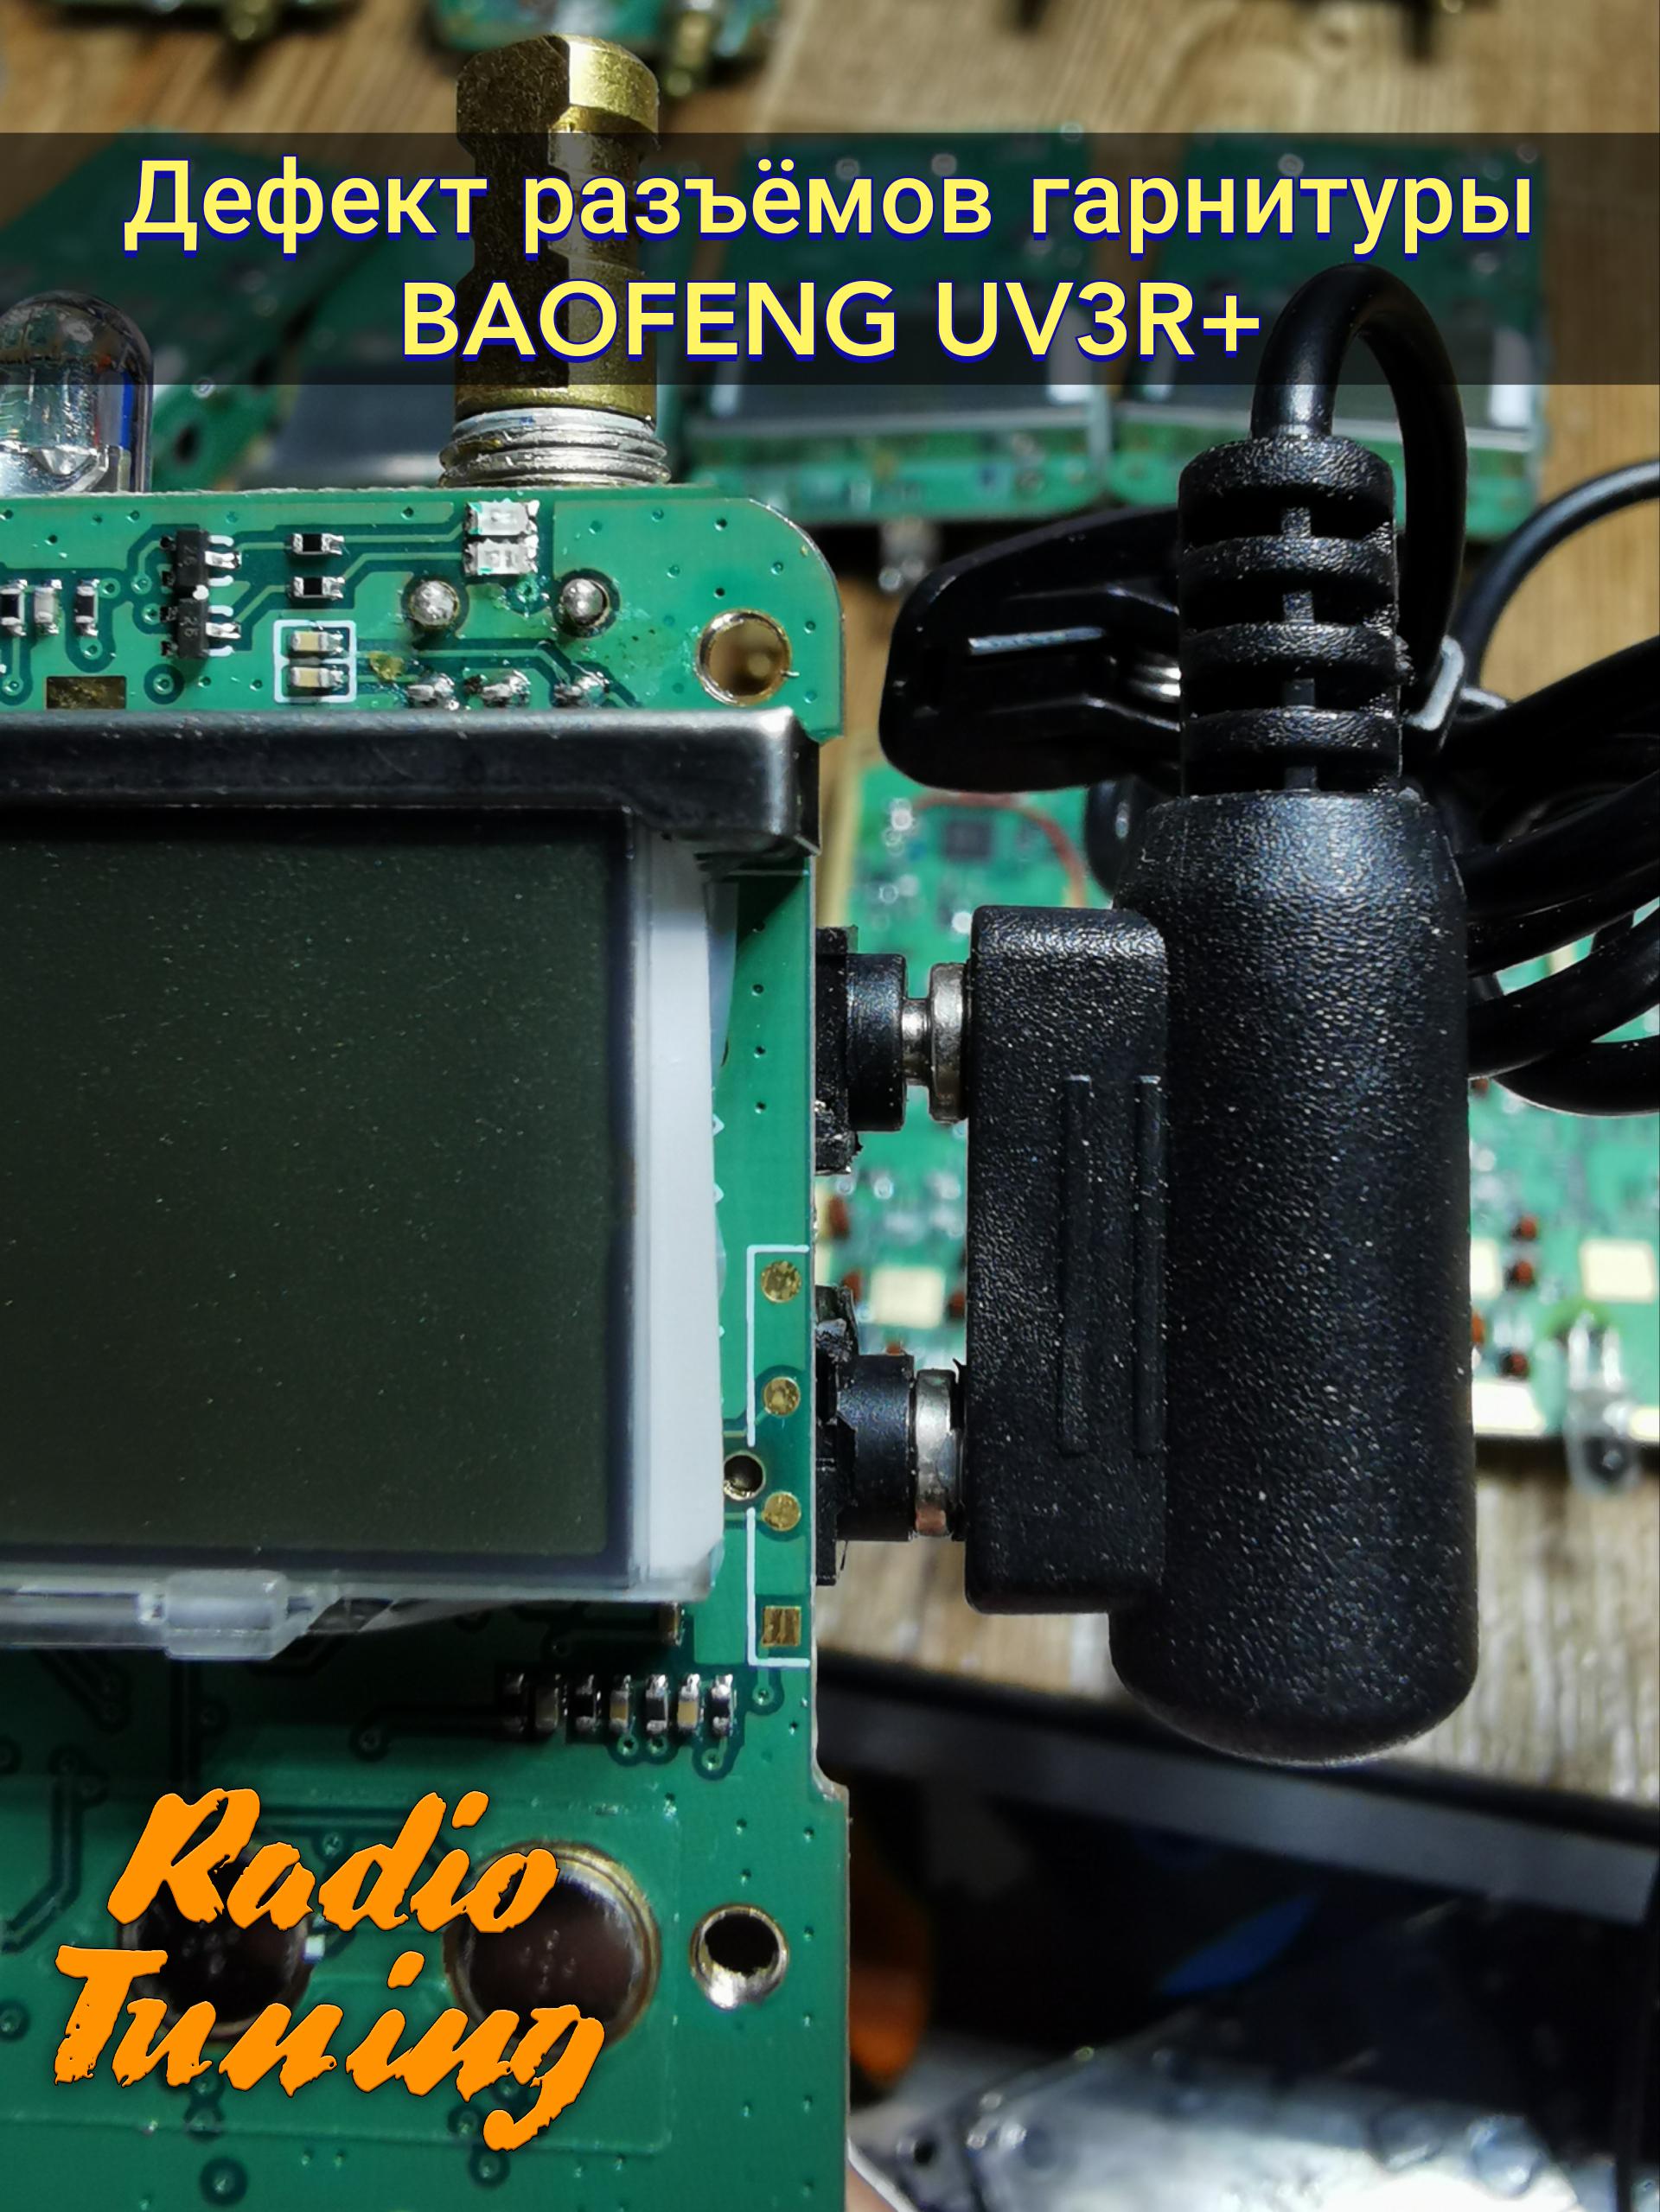 Доработка Baofeng UV3R+